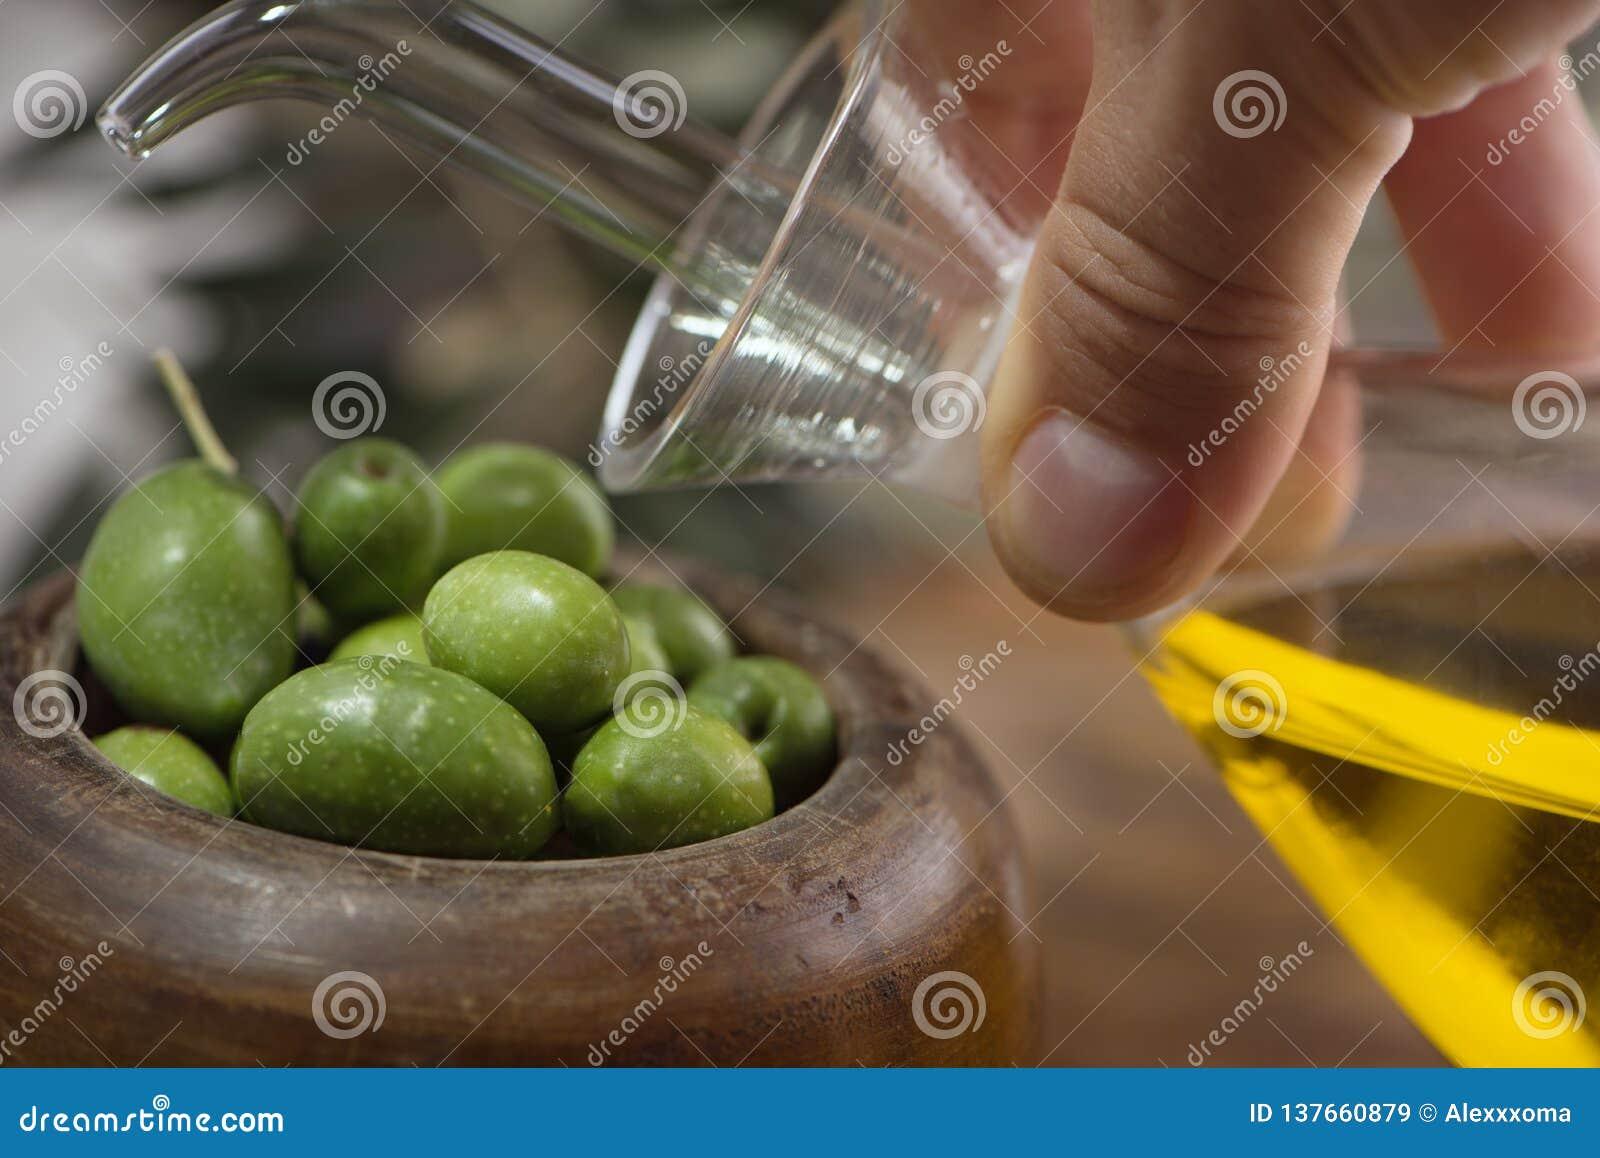 Copo de madeira das azeitonas com azeite virgem extra na garrafa de vidro na mão no fundo rústico Baixa chave